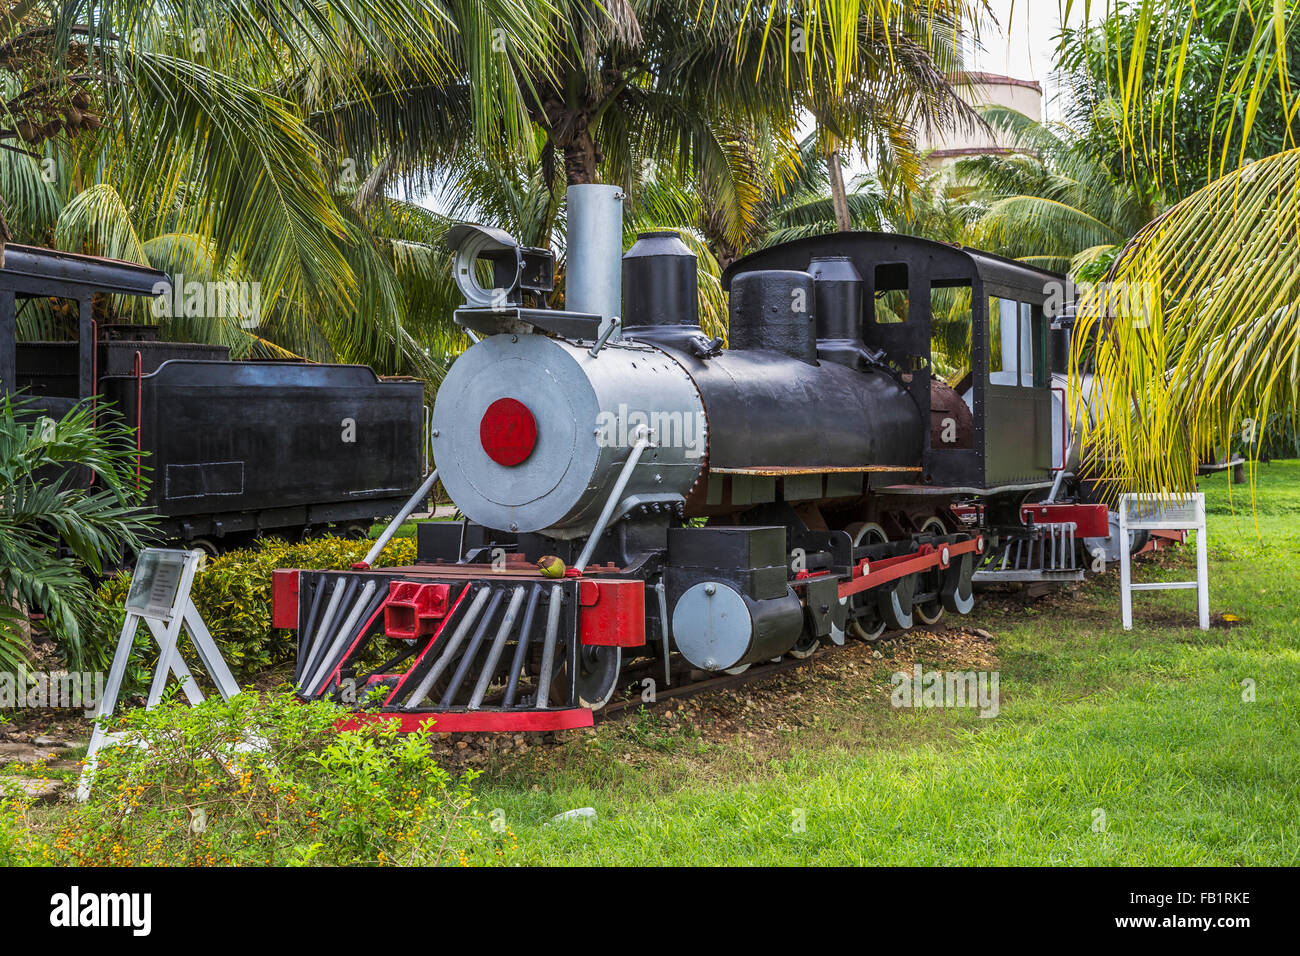 Locomotives à vapeur nostalgique, Marcelo Salado, Musée du sucre, Caibarién Remedios, Cuba Photo Stock